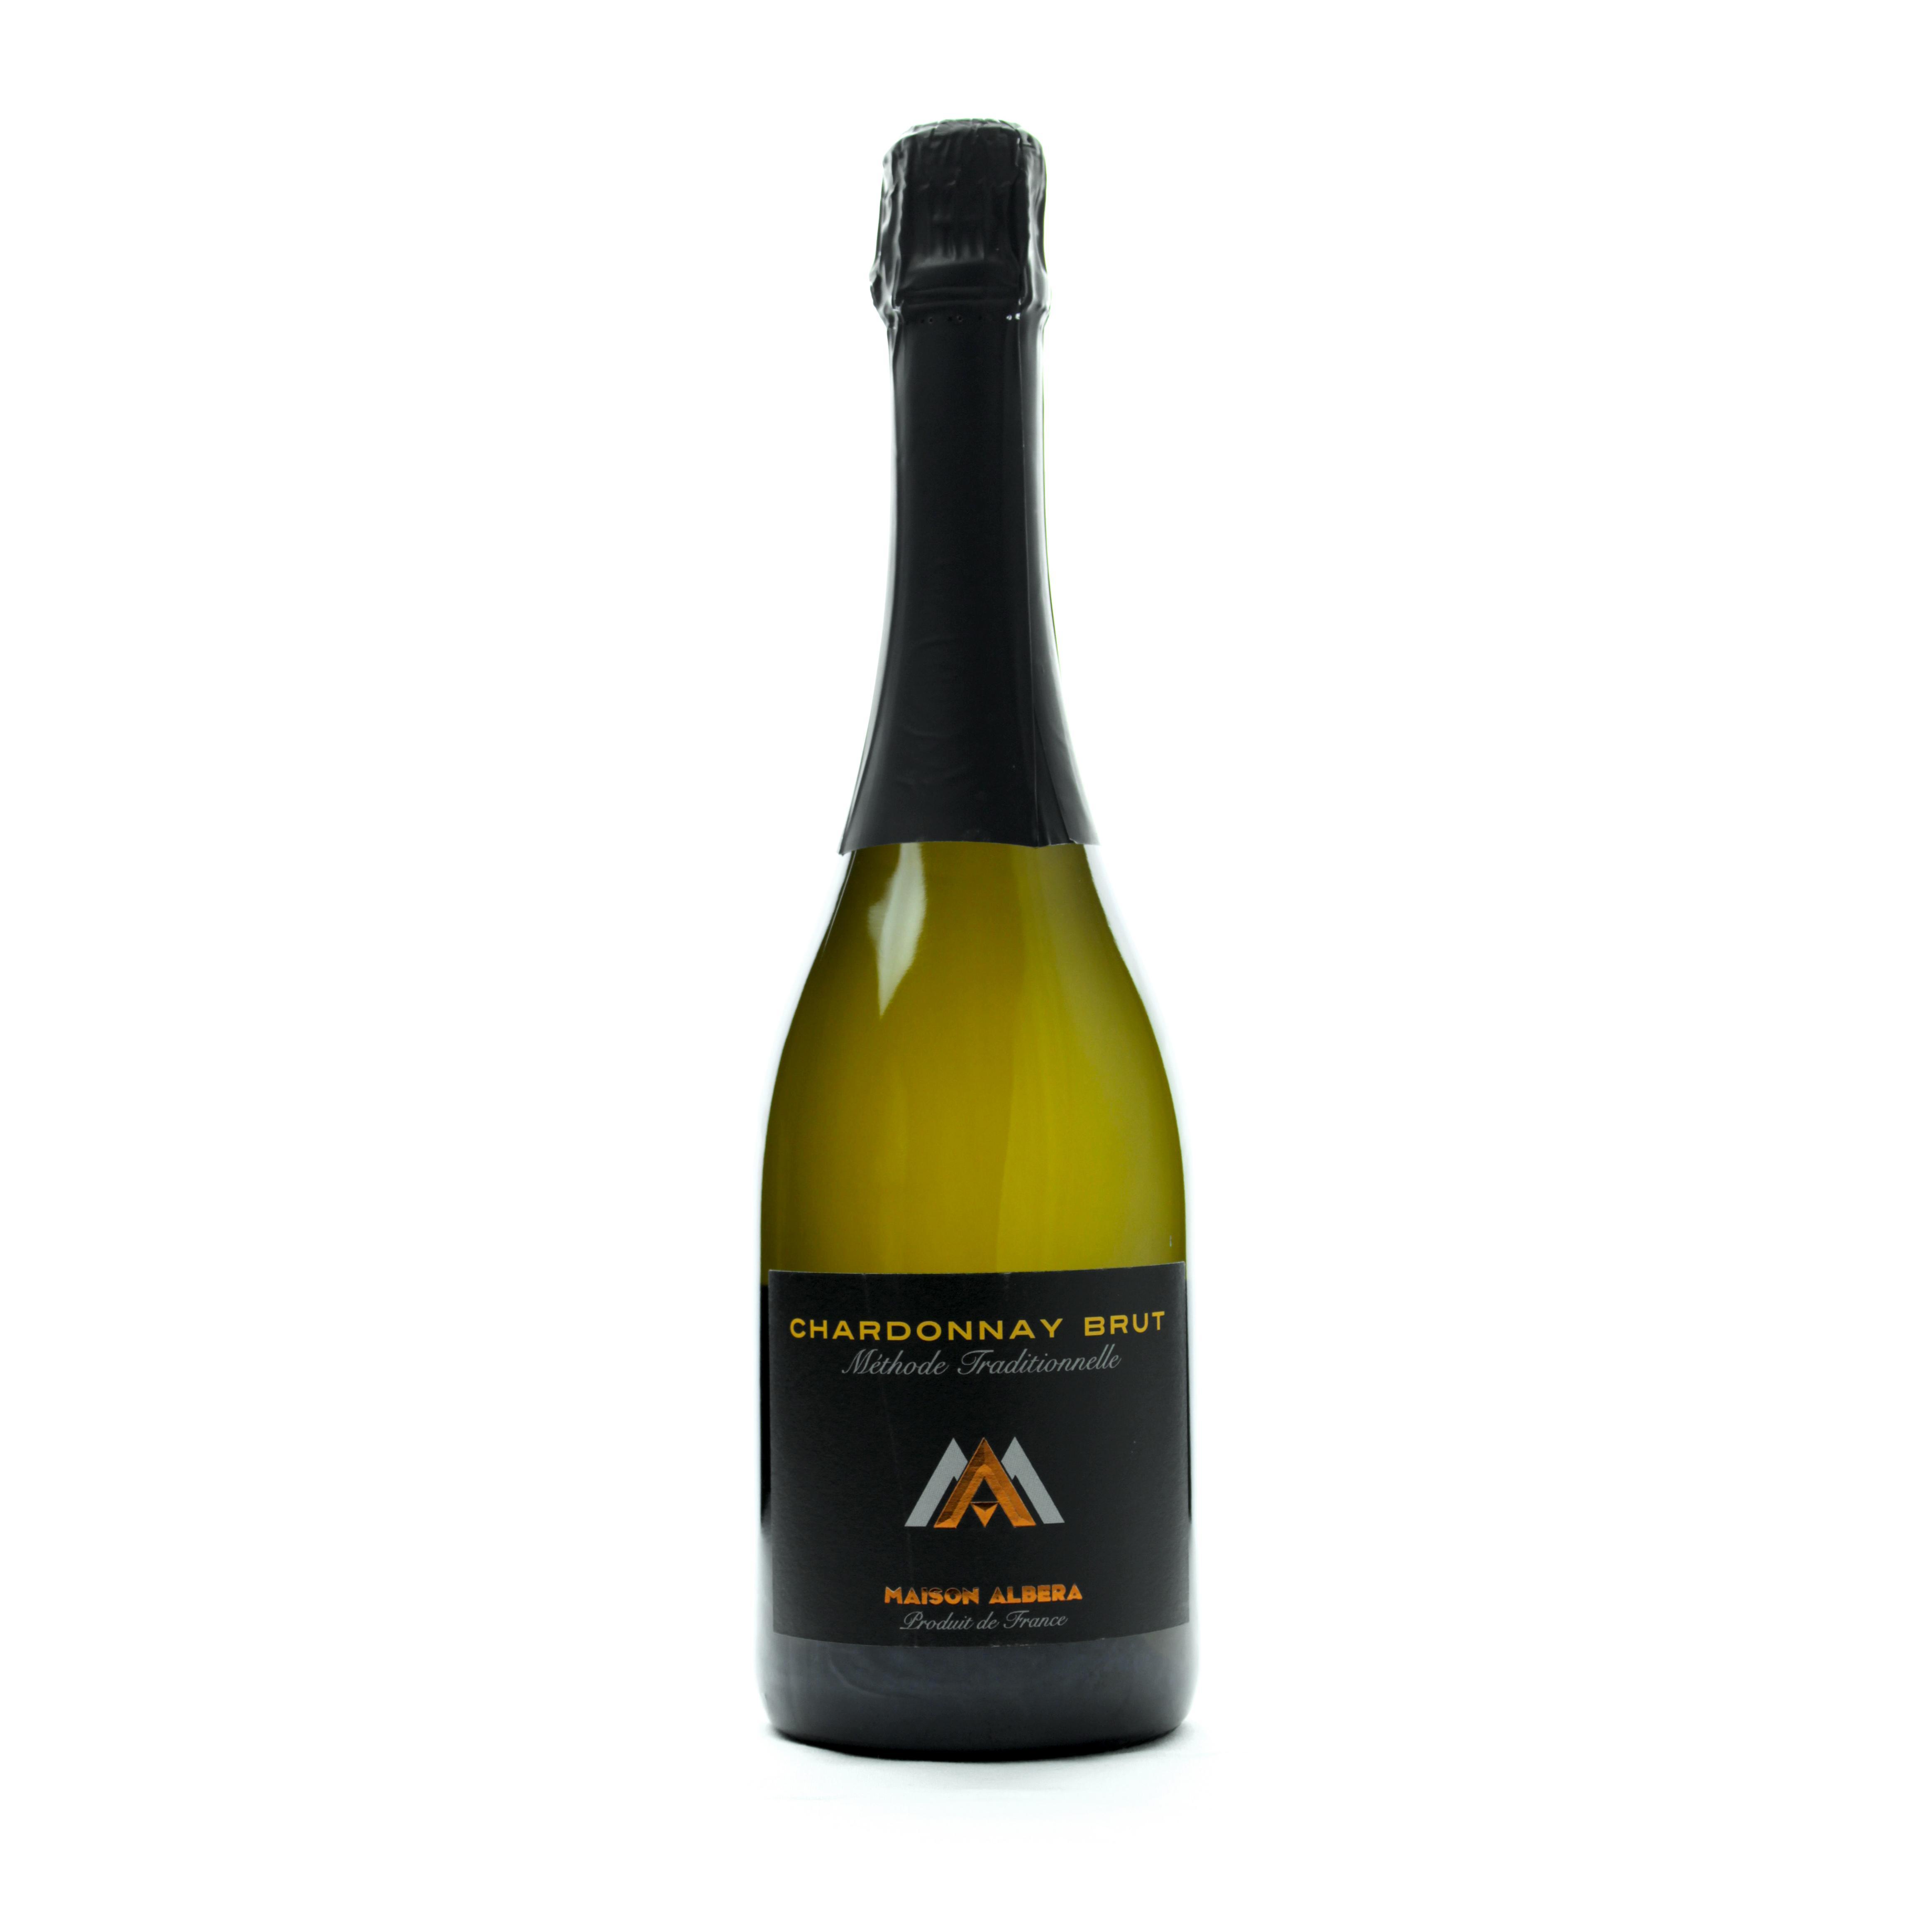 maison albera -Chardonnay_Brut-vin mousseux